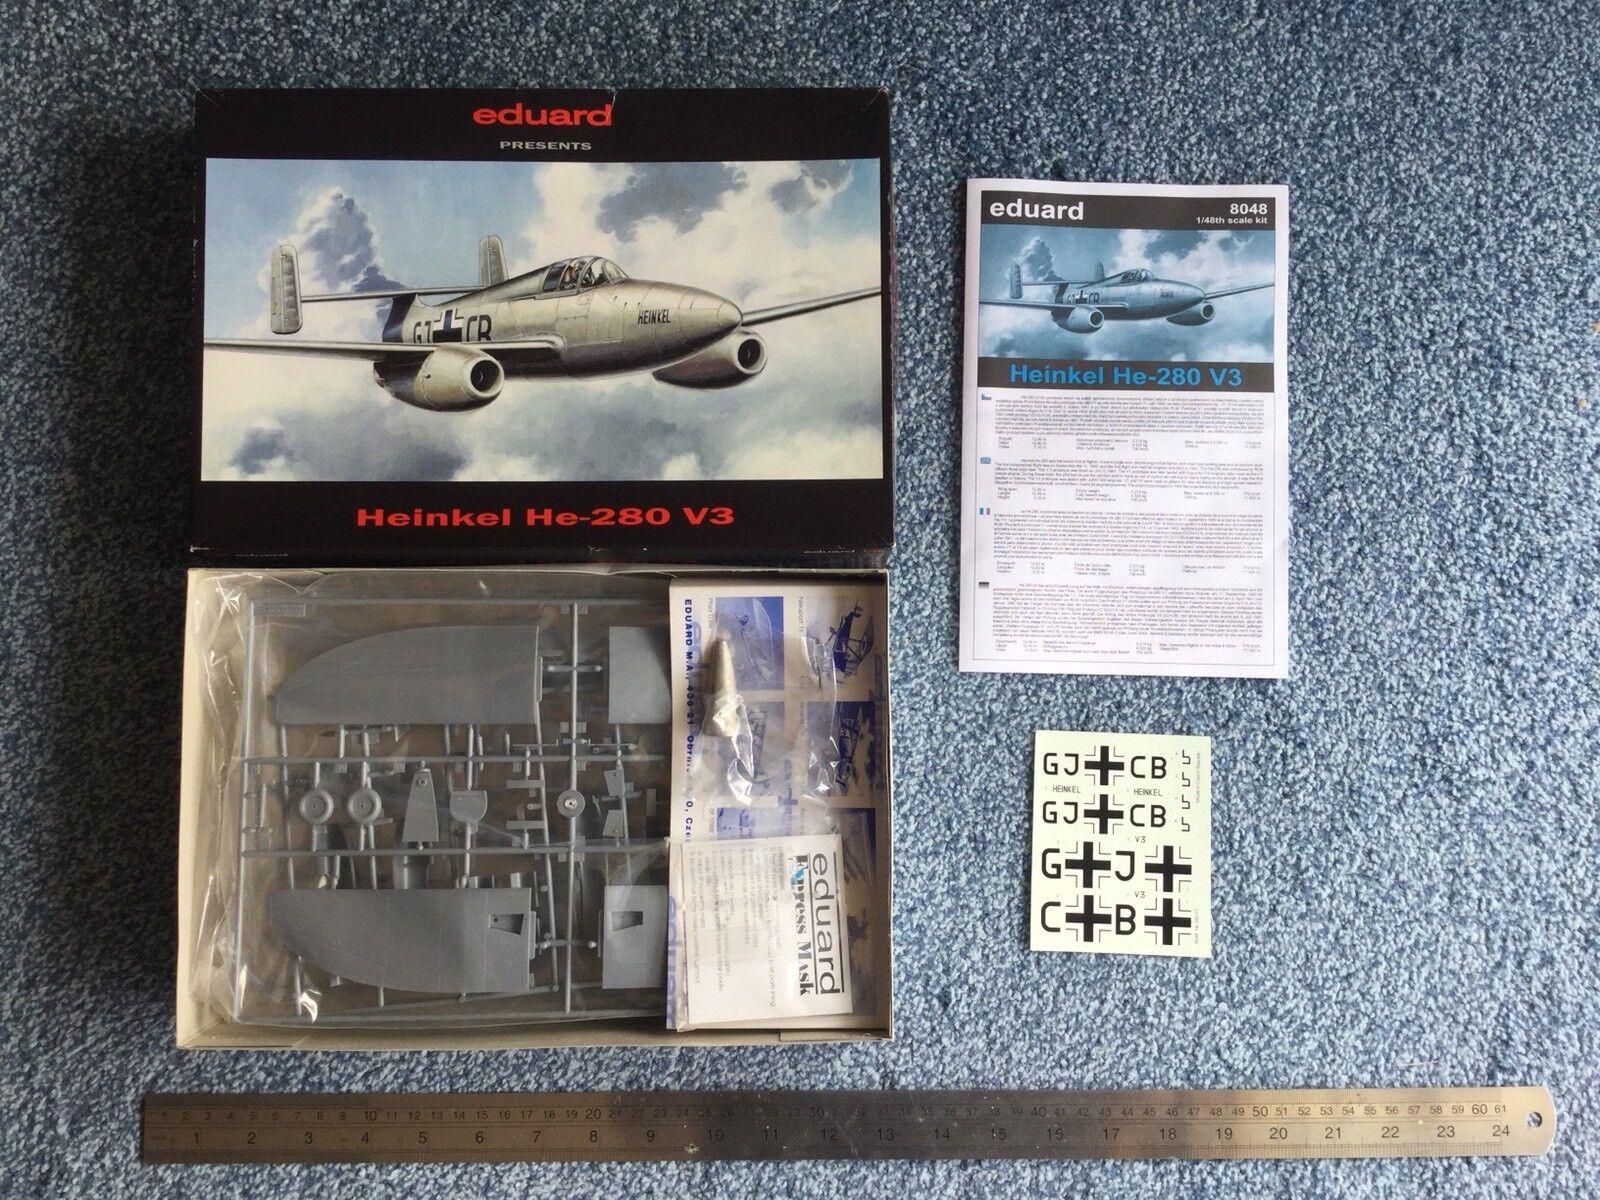 Eduard 1 48 Heinkel He-280 V3 model kit